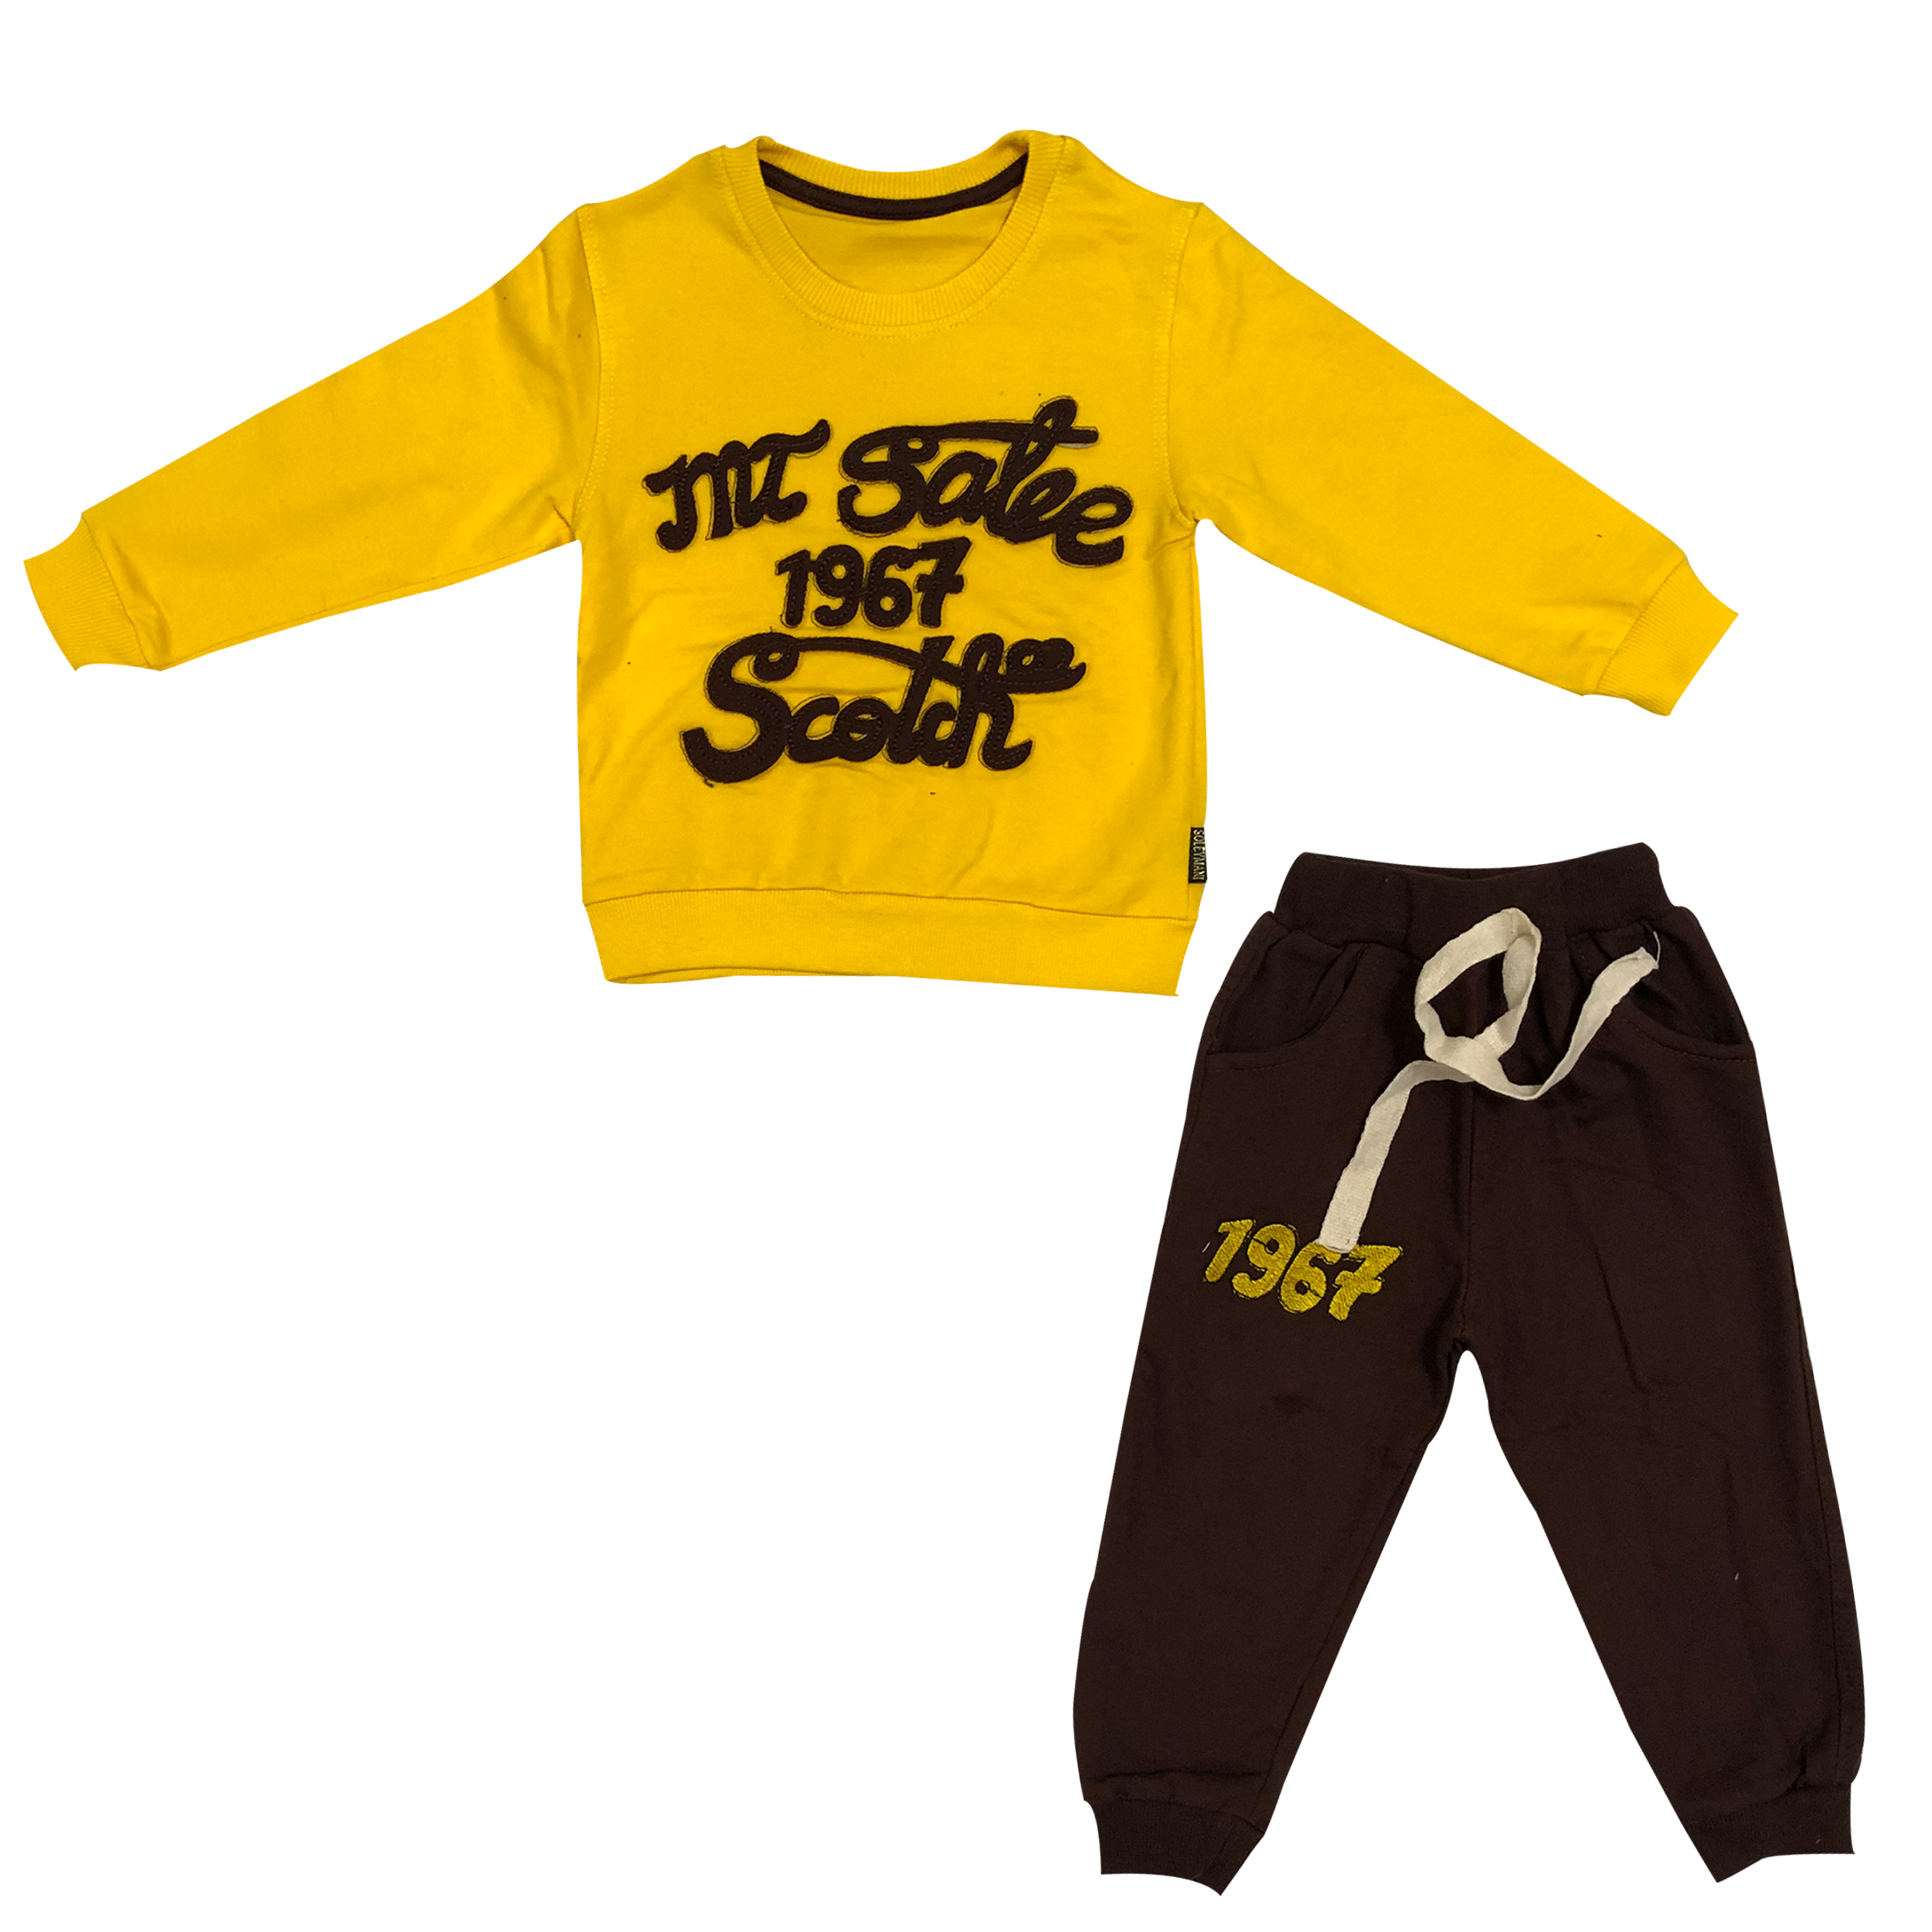 ست تی شرت و شلوار پسرانه کد 19672